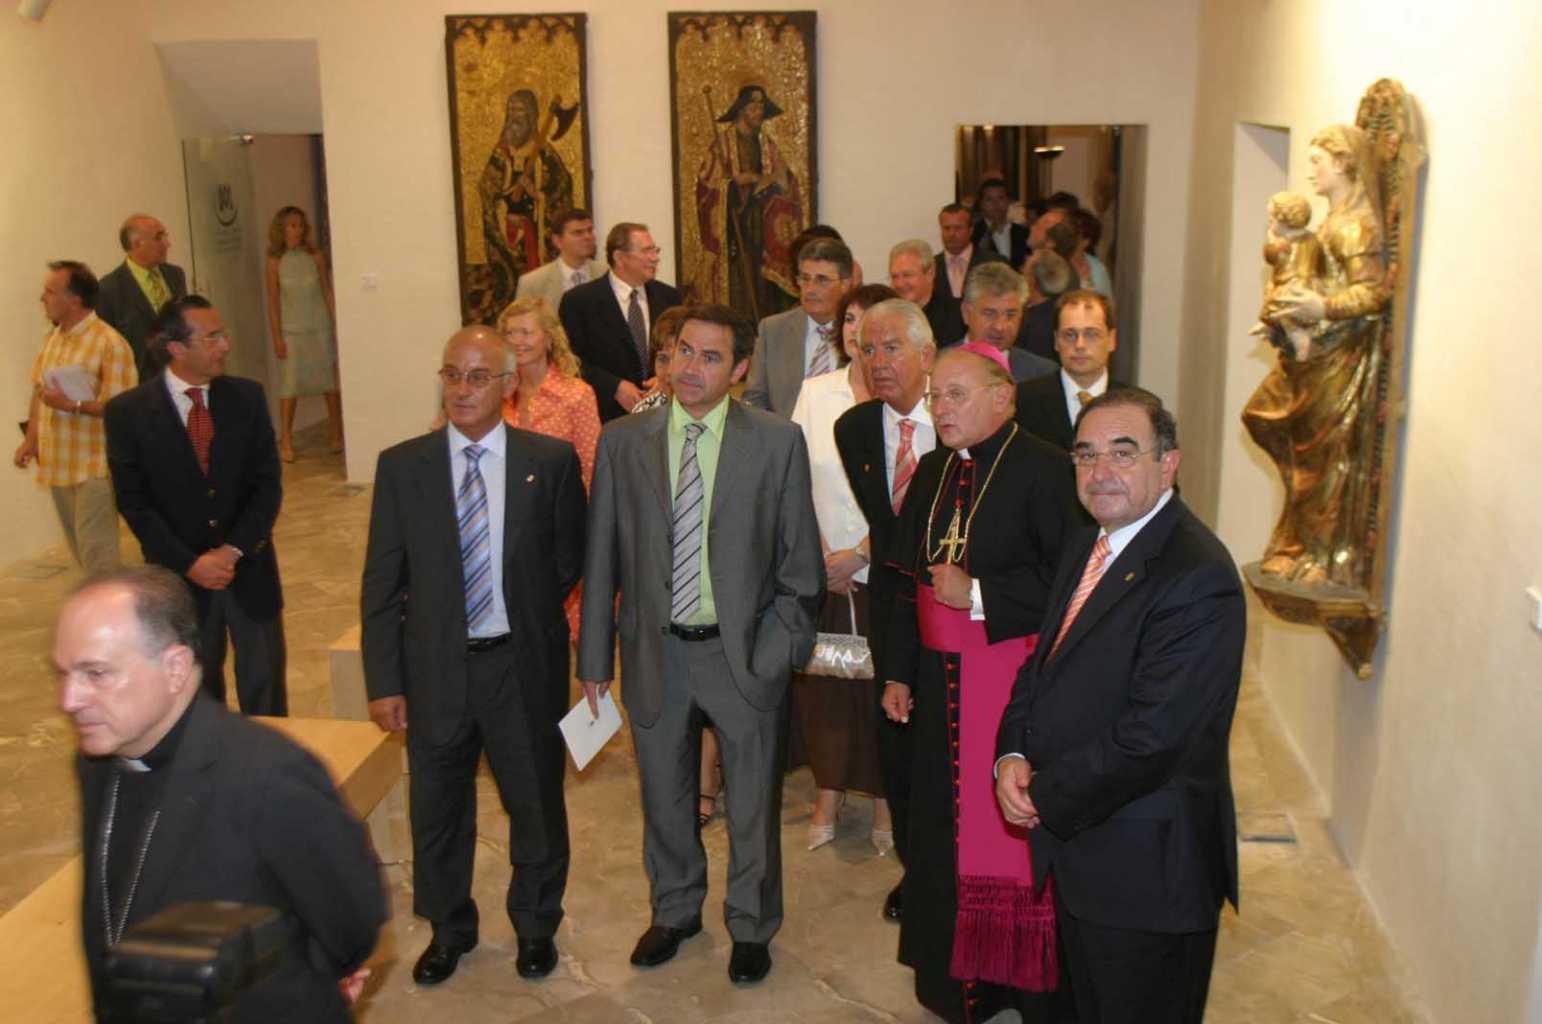 Inauguración del rehabilitado Museo Diocesano de Eivissa, en julio de 2007. Moisés Copa